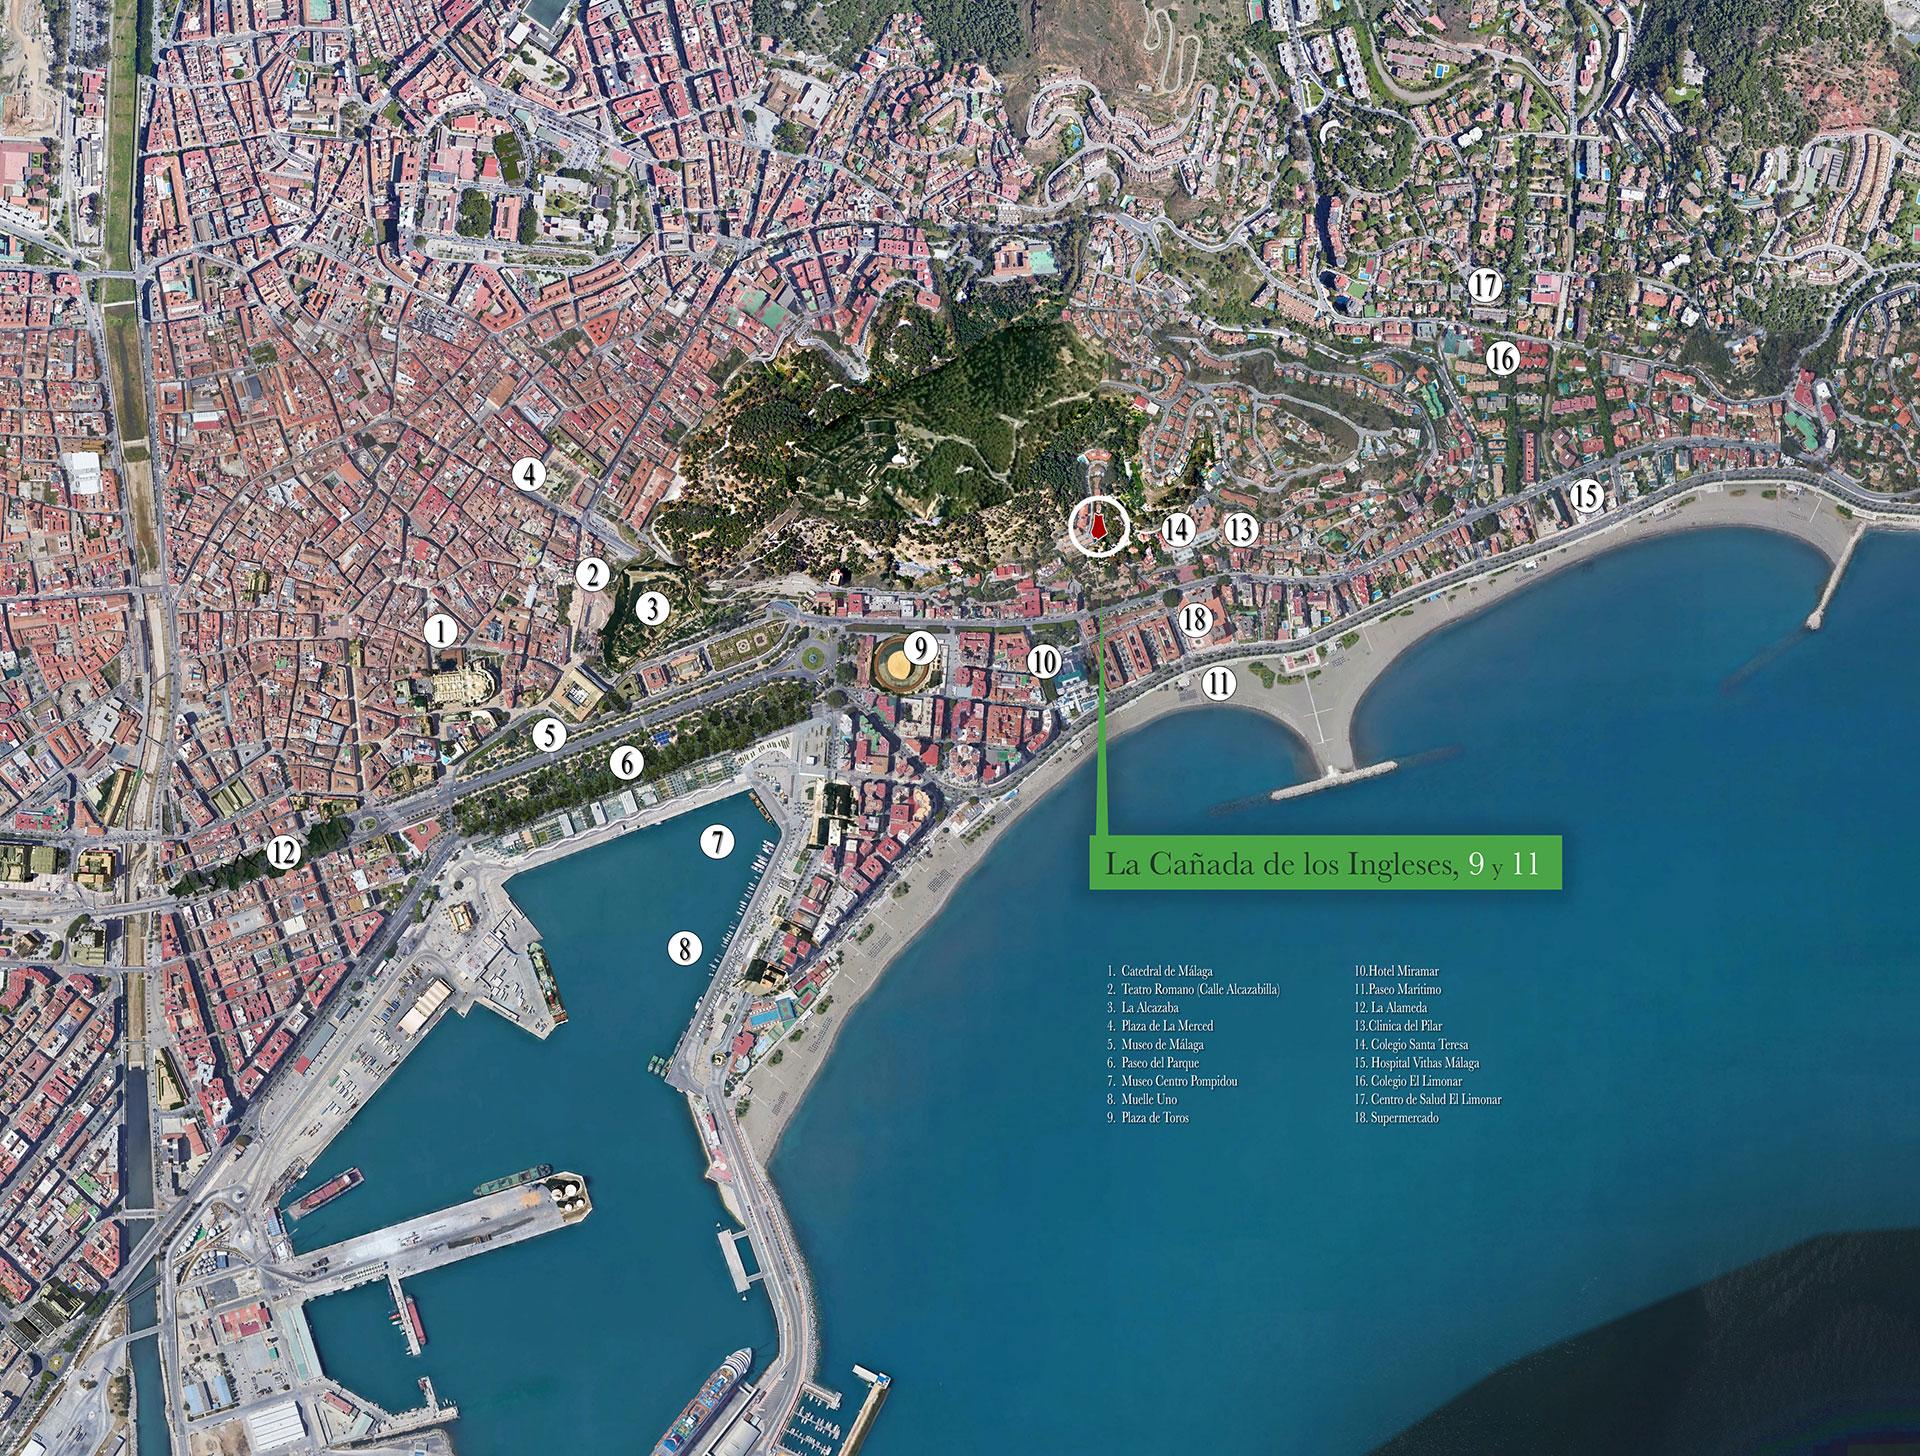 Vista aérea 1 de la promoción La Cañada de los Ingleses 9 y 11